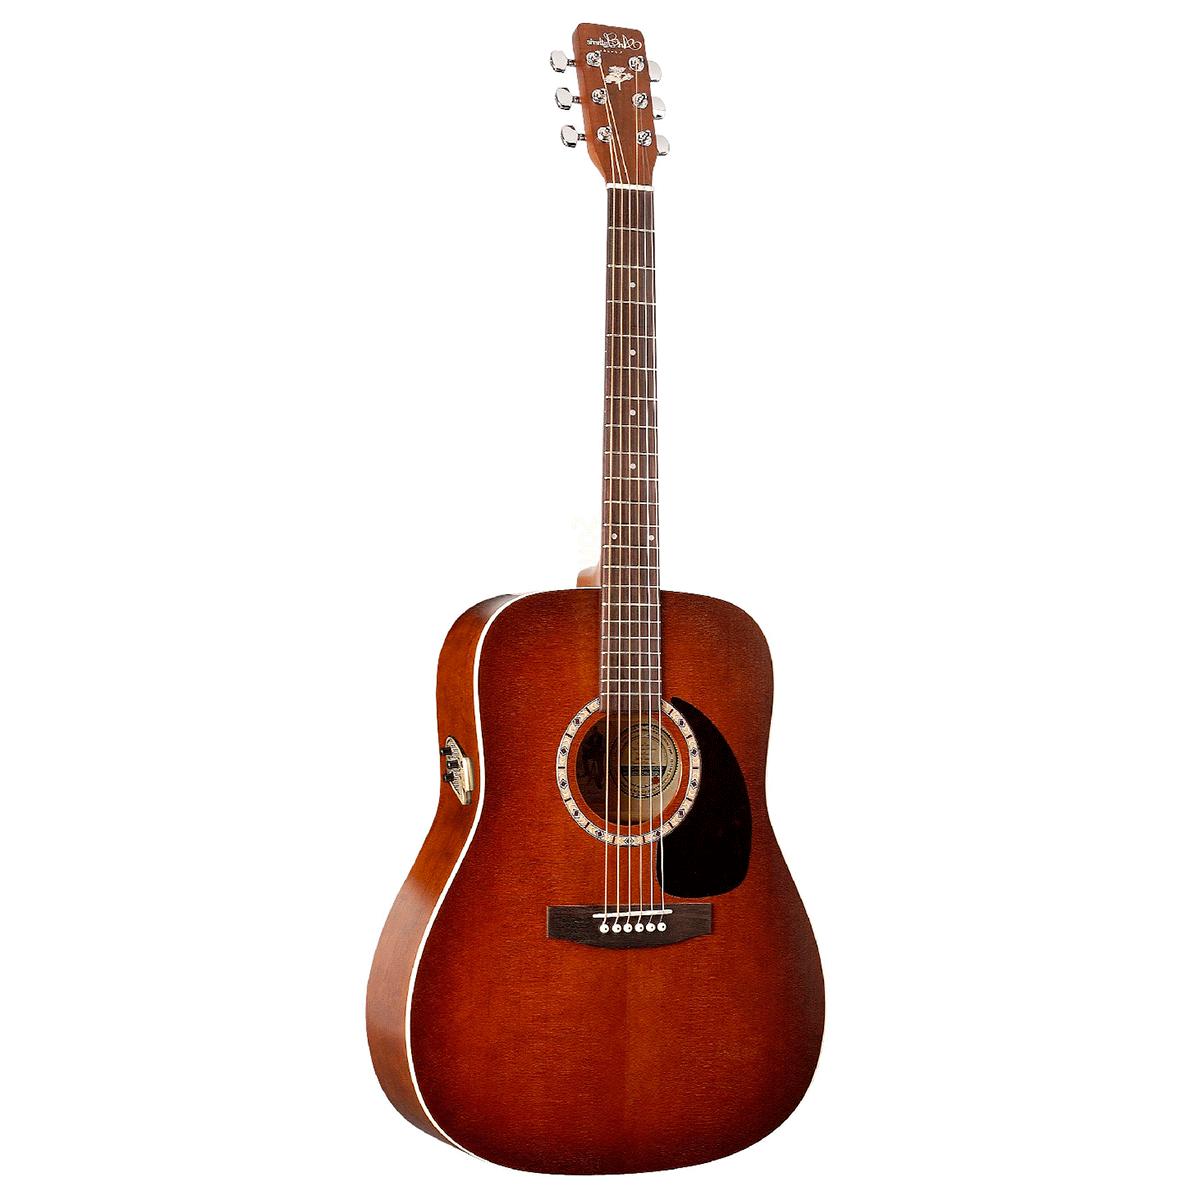 A&L DreadnaughtCedarQI western-guitar antiqueburst